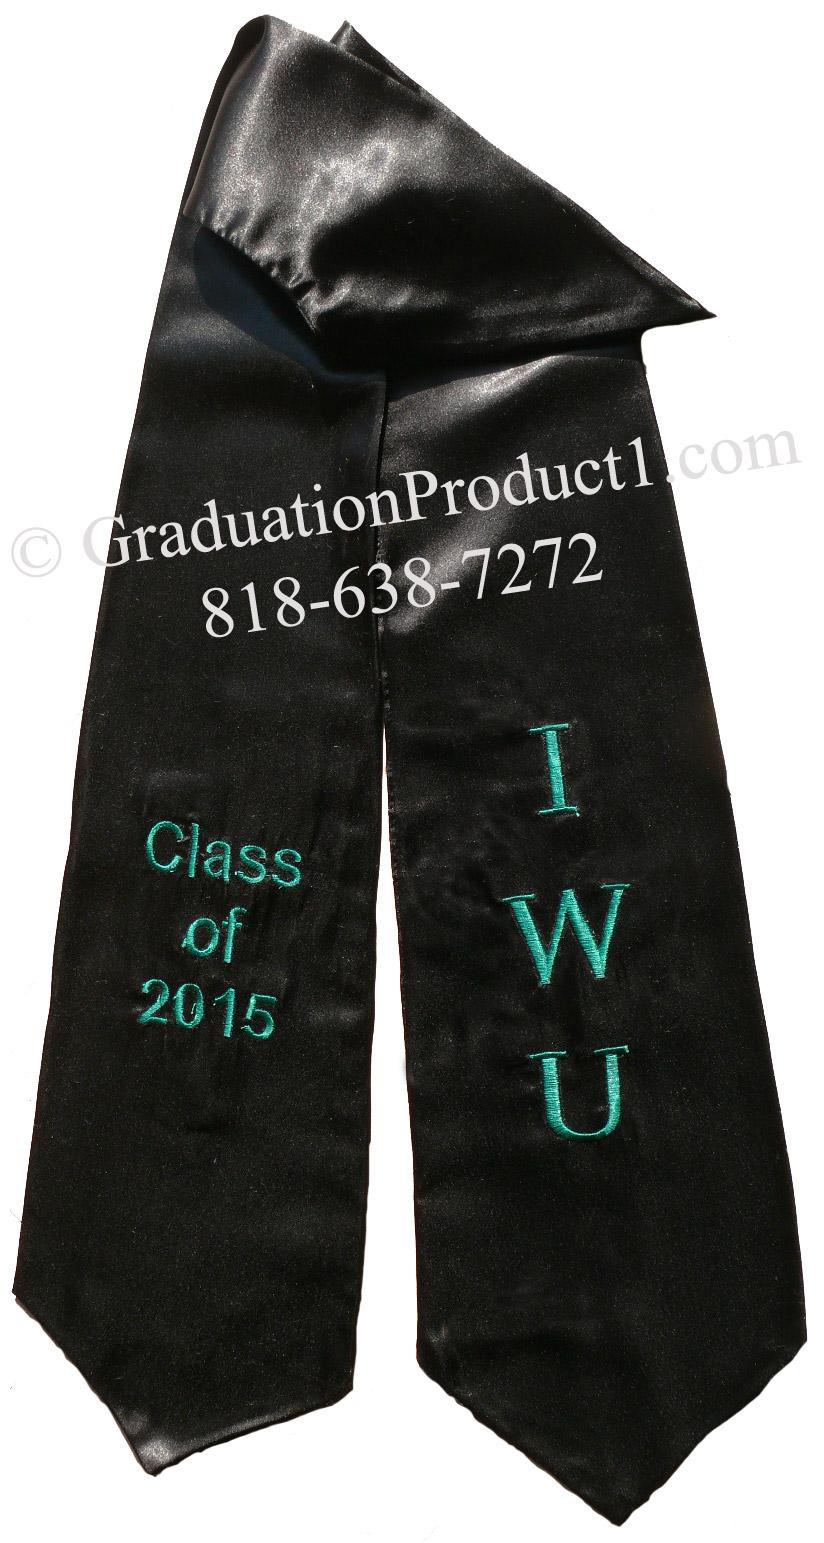 IWU Graduation Stole